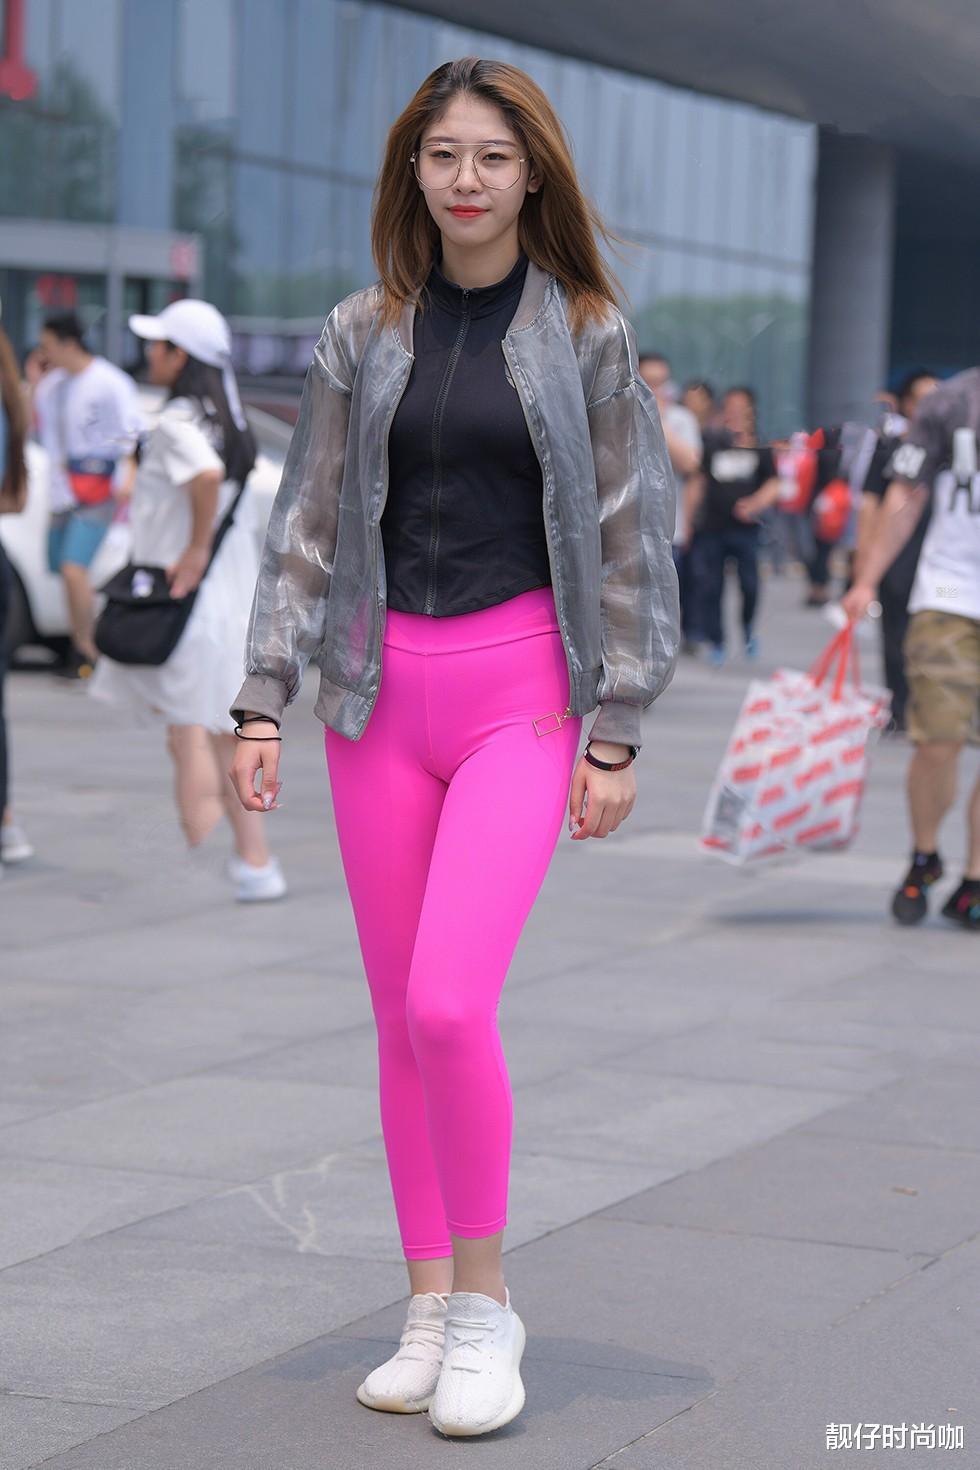 黑色上衣+粉色瑜伽裤,鲜艳又好看,搭配好看的外套,青春时尚!